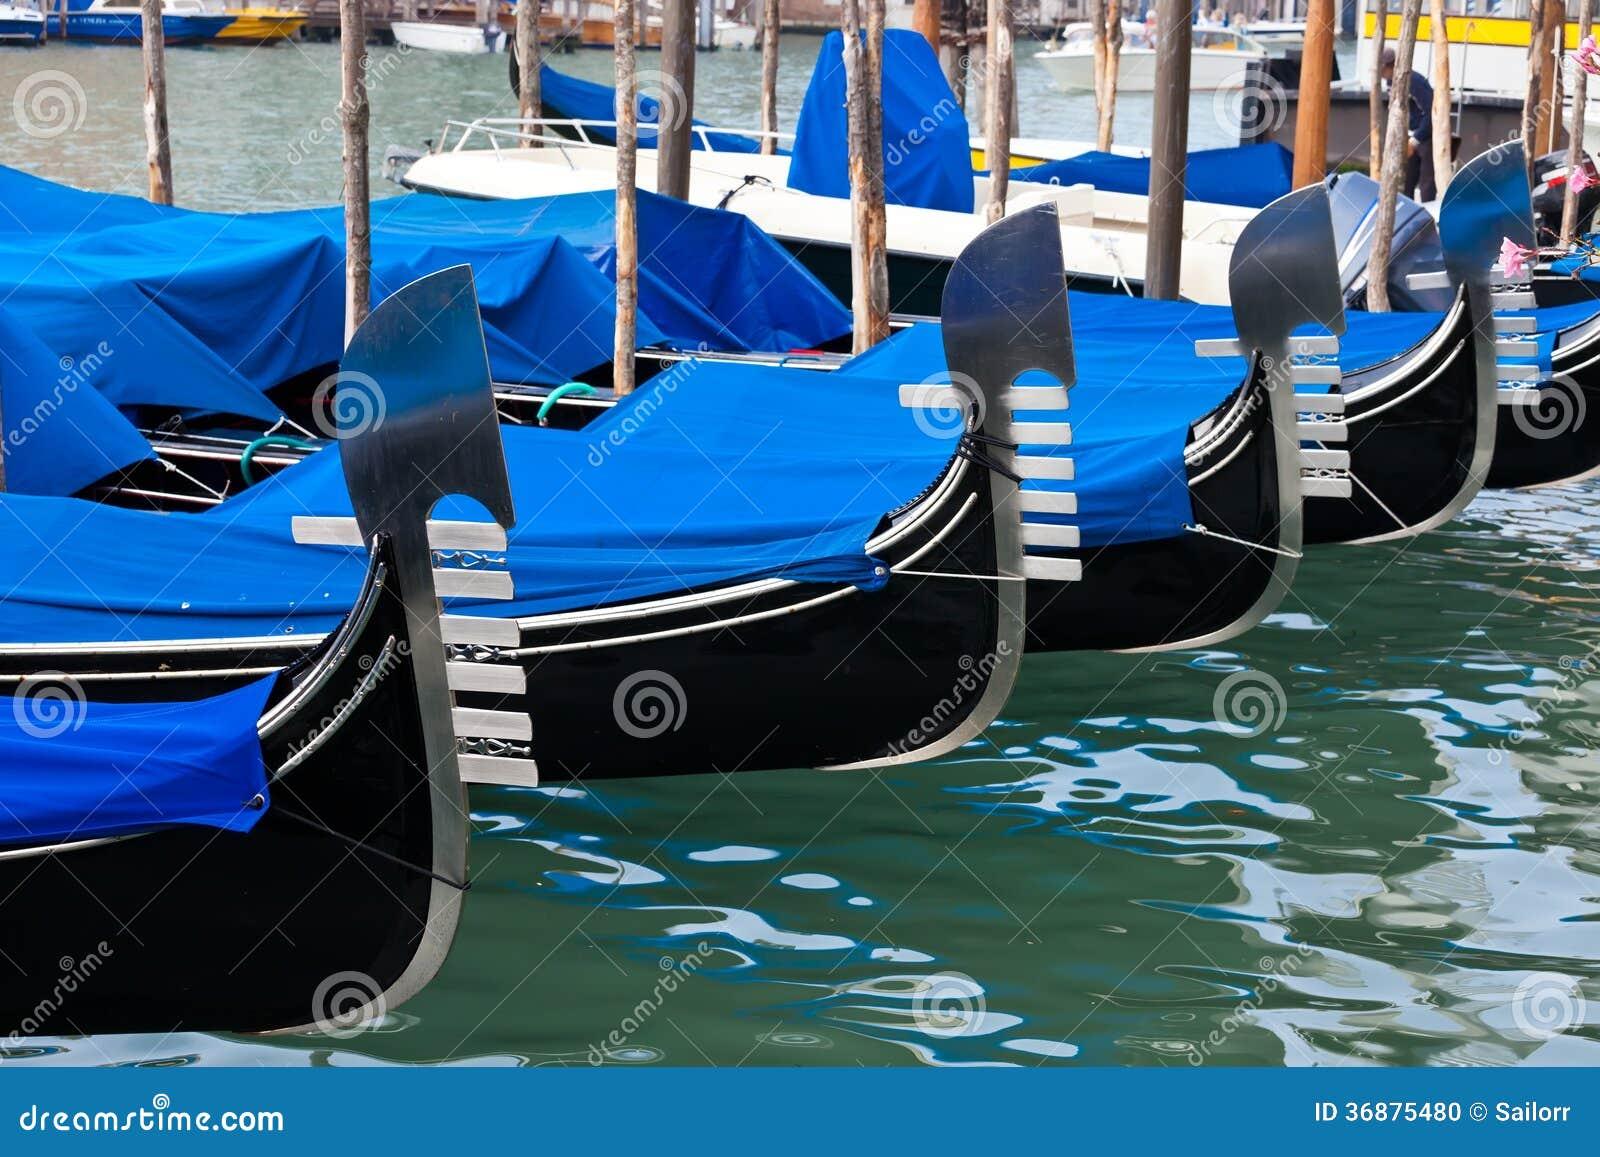 Download Gondole a Venezia fotografia stock. Immagine di venezia - 36875480